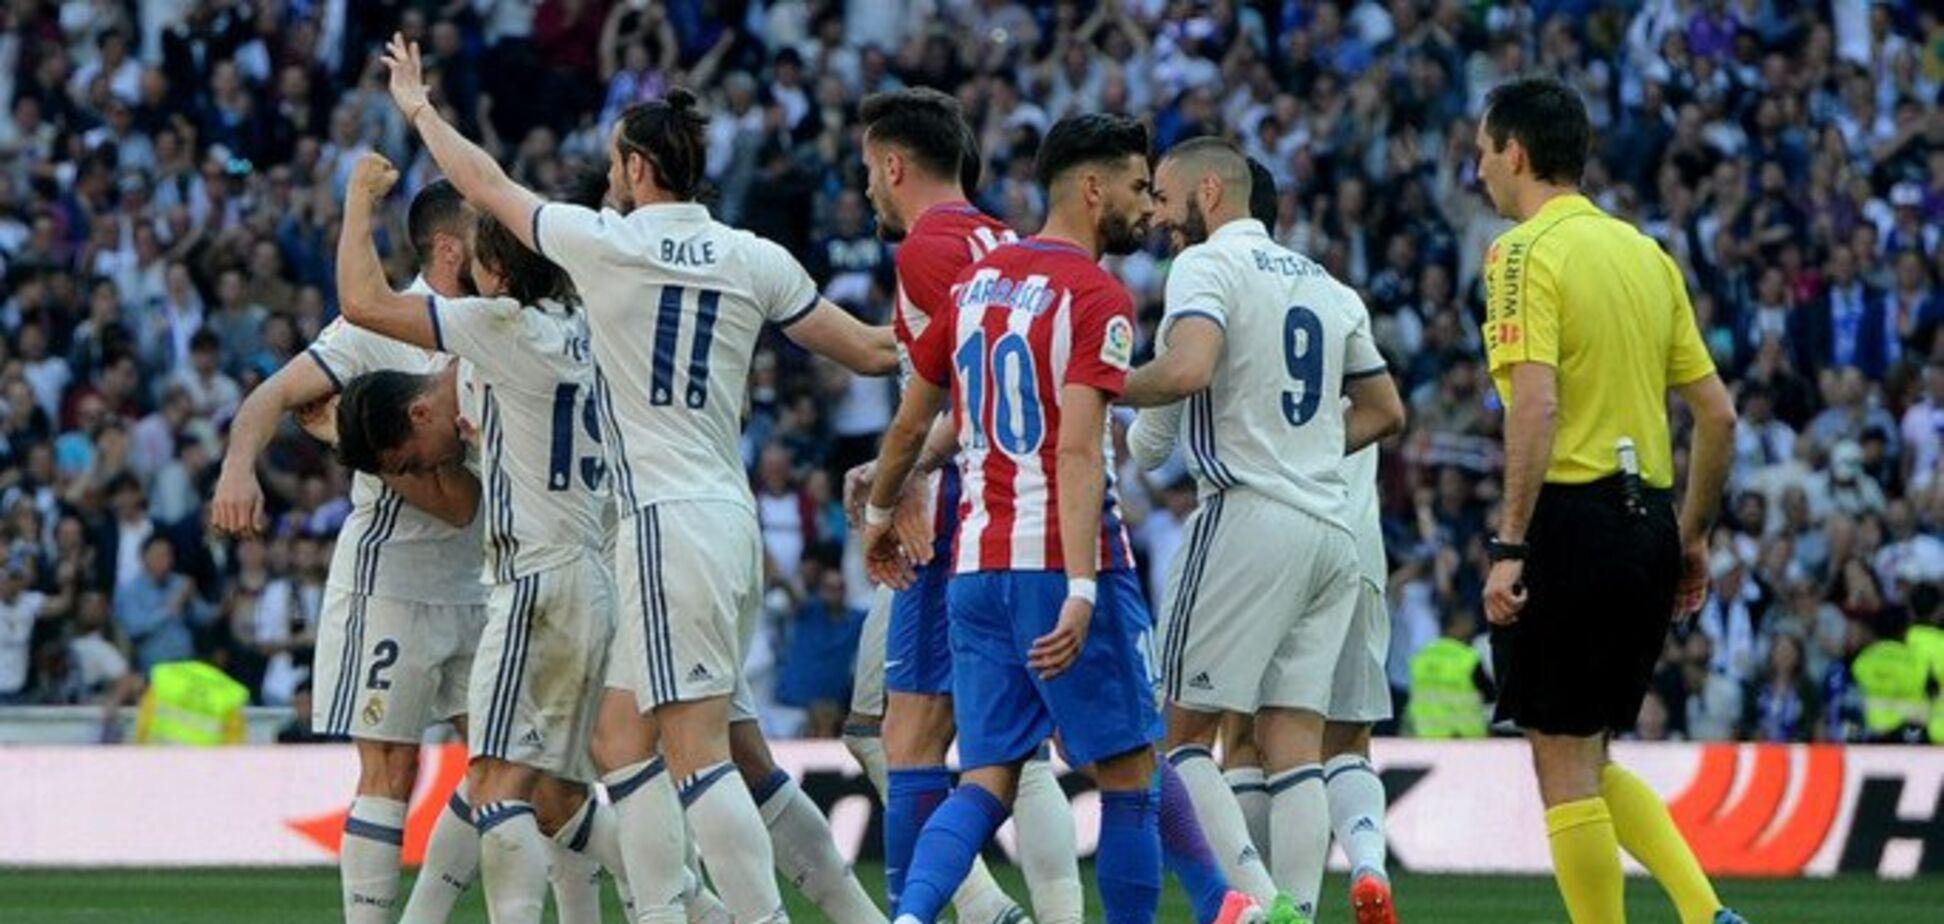 Атлетико – Реал: где смотреть матч чемпионата Испании